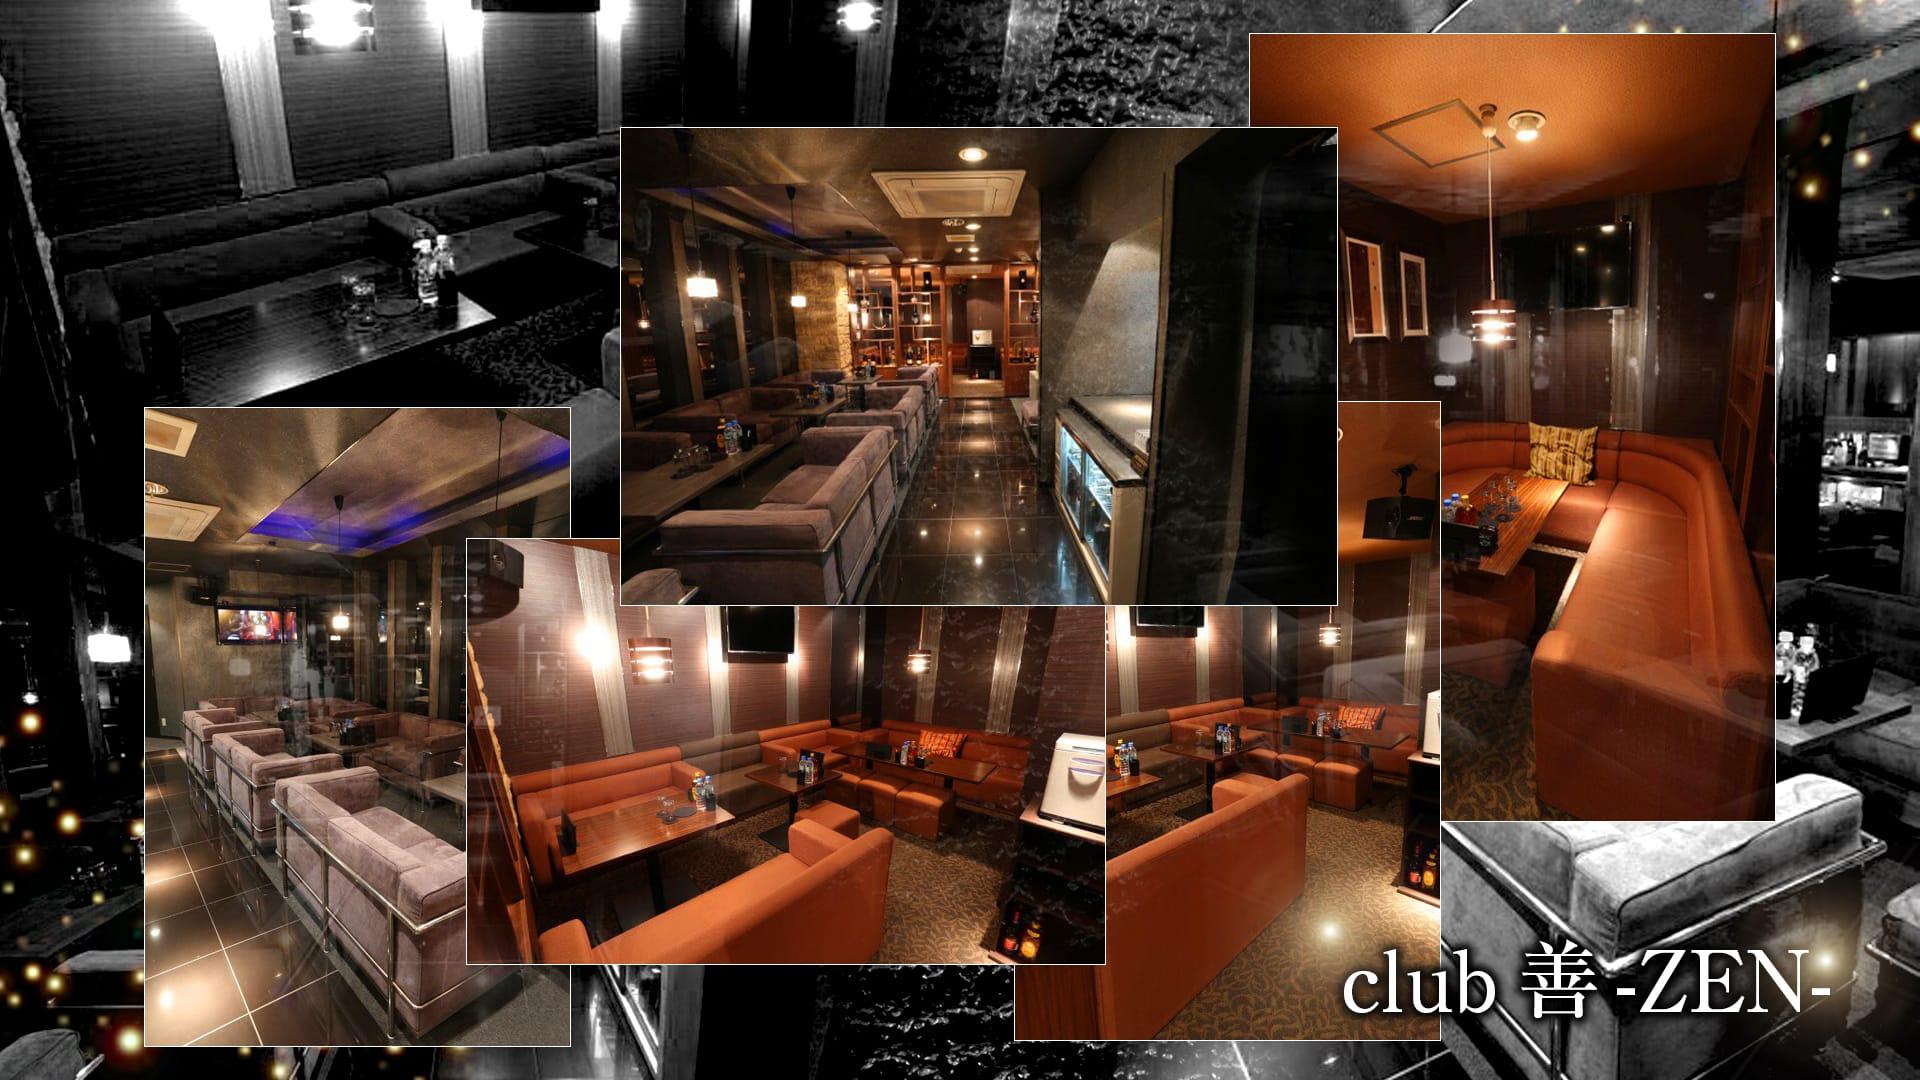 club 善-ZEN- TOP画像